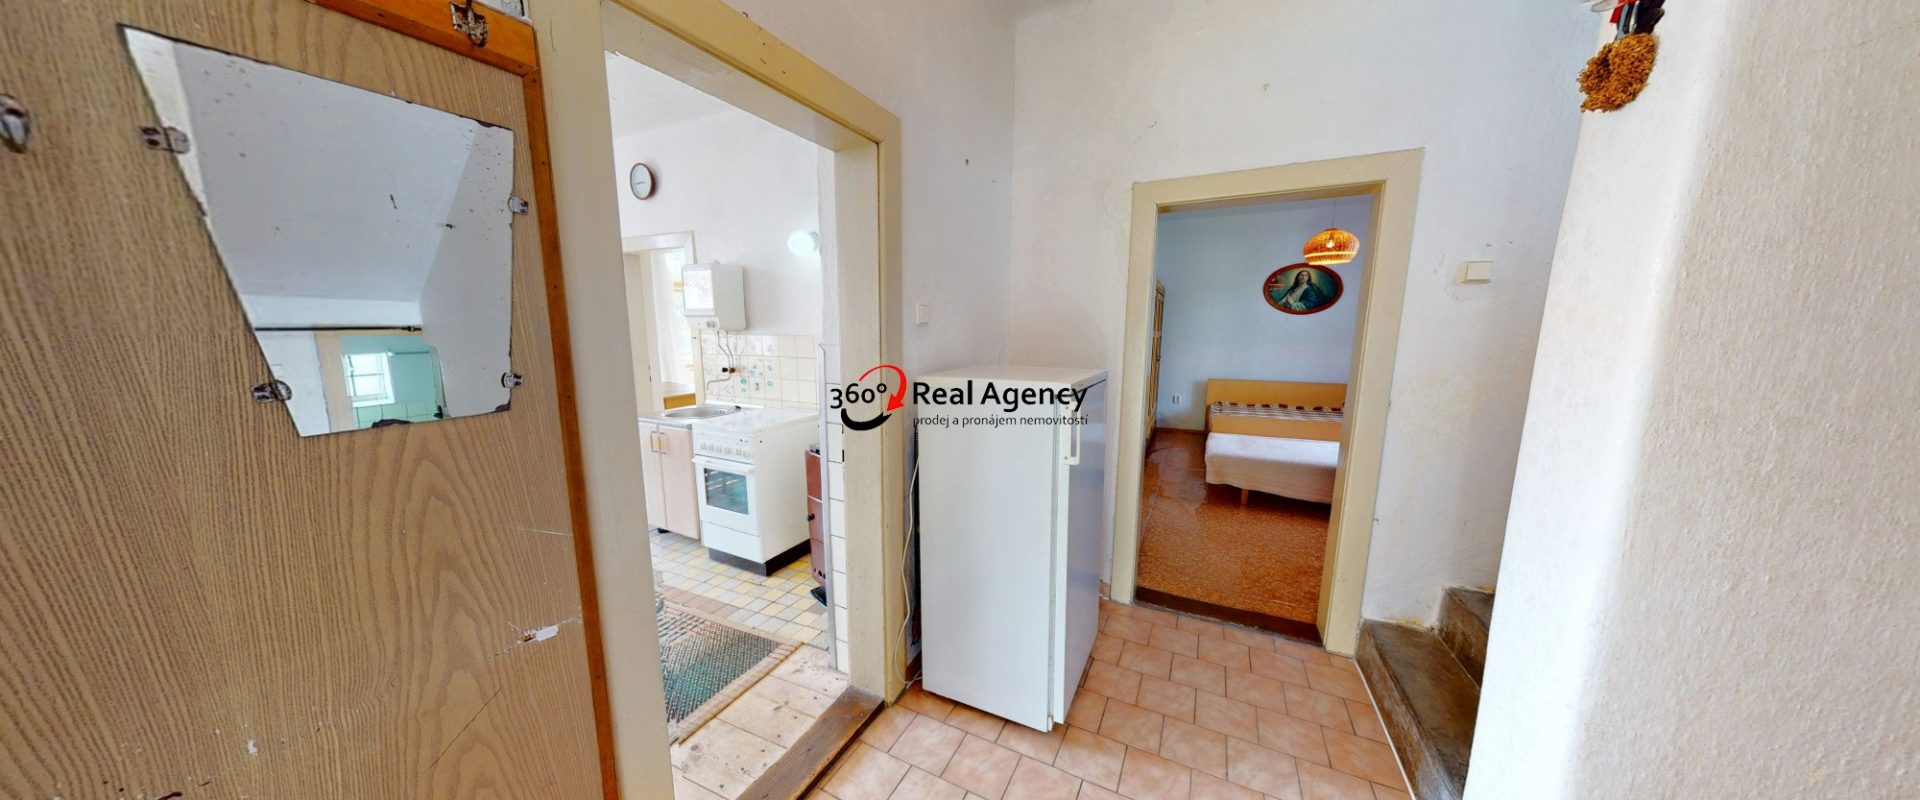 Prodej domu 118 m² s pozemkem 688 m² Žihobce, okres Klatovy.